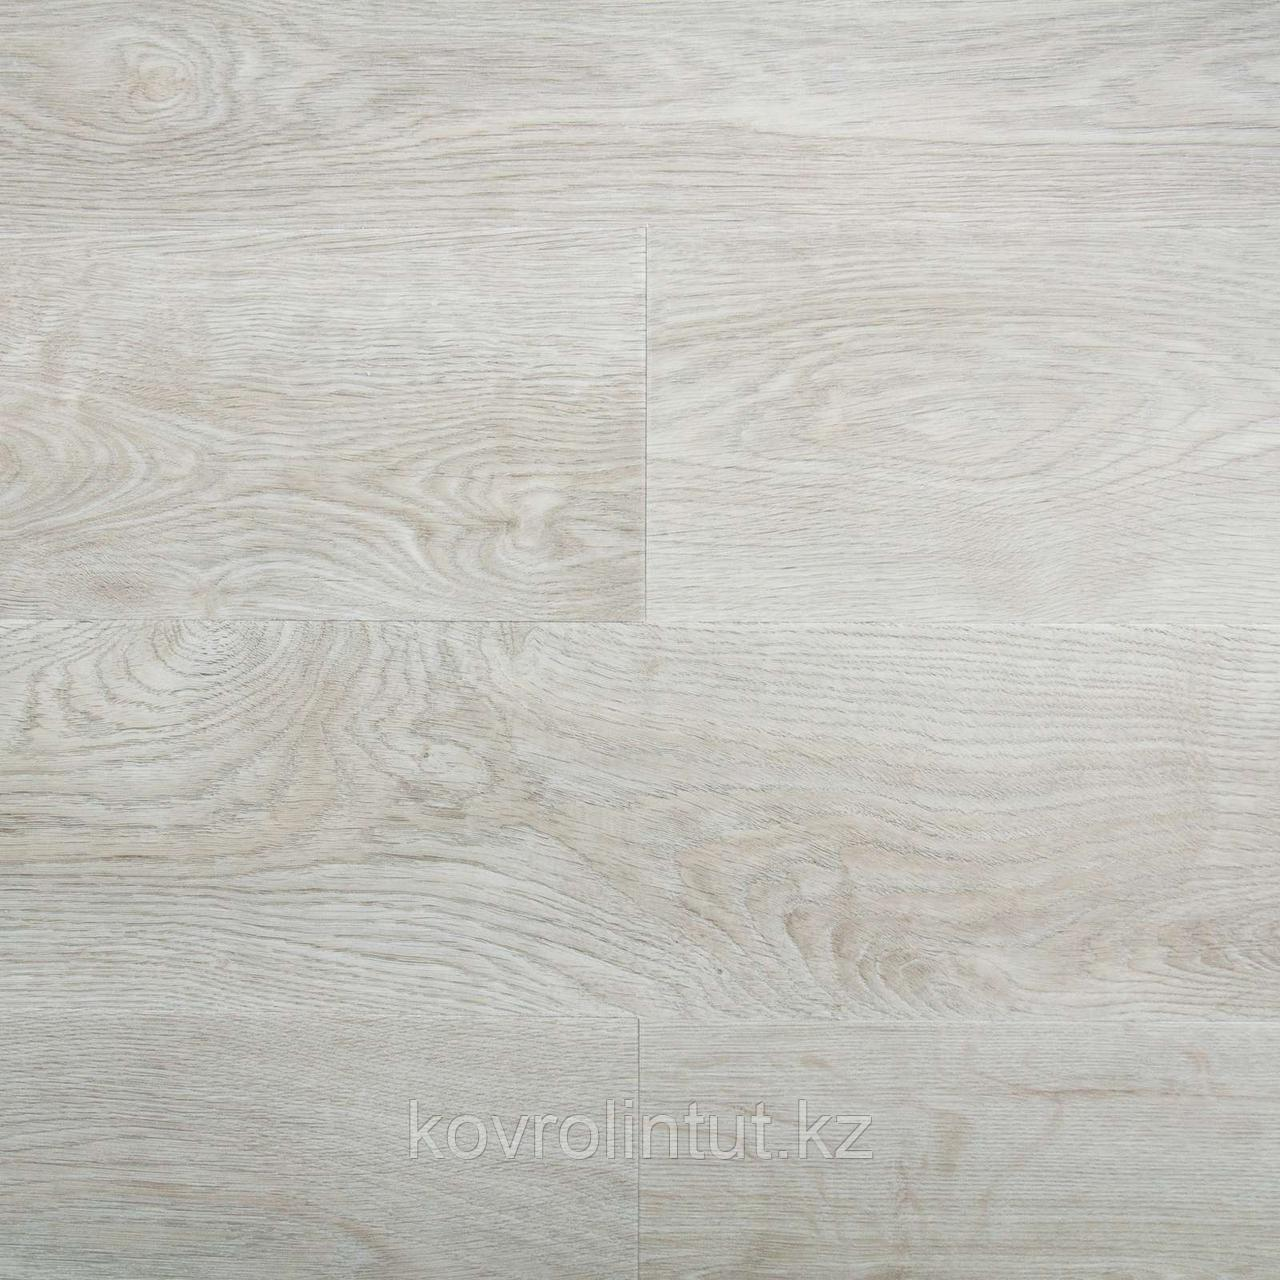 Плитка ПВХ клеевая IVC Divino Somerset Oak 52232Q